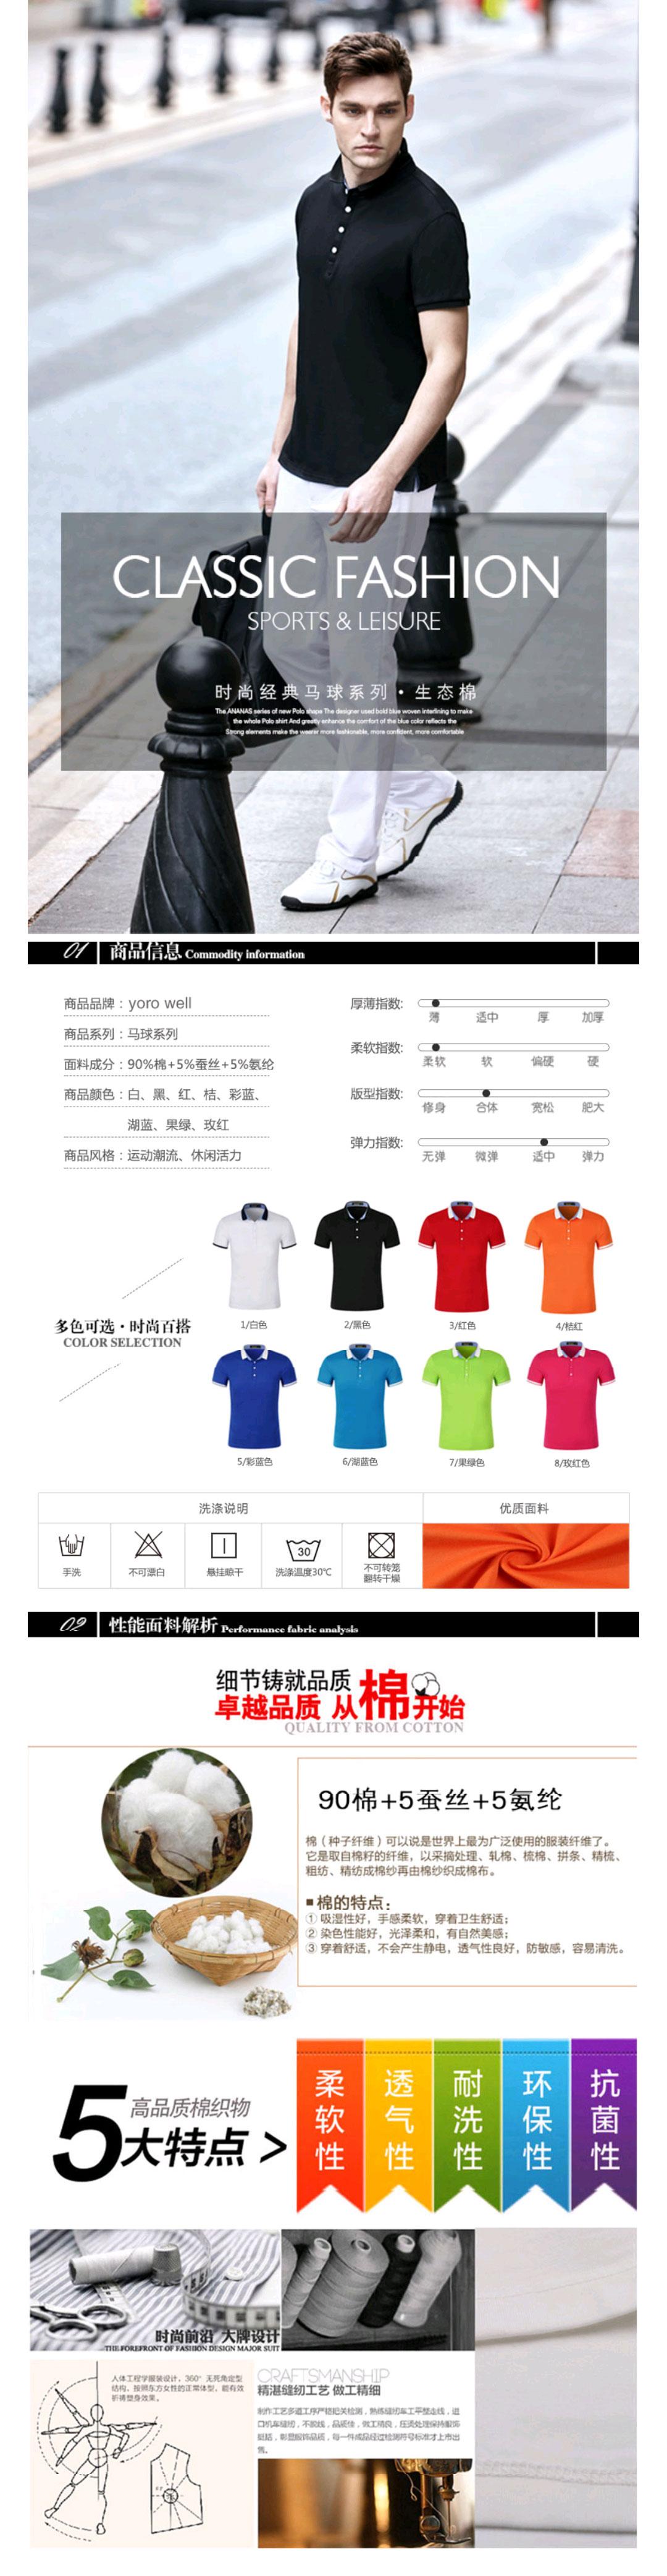 馬球系列款原生態棉POLO衫產品詳情